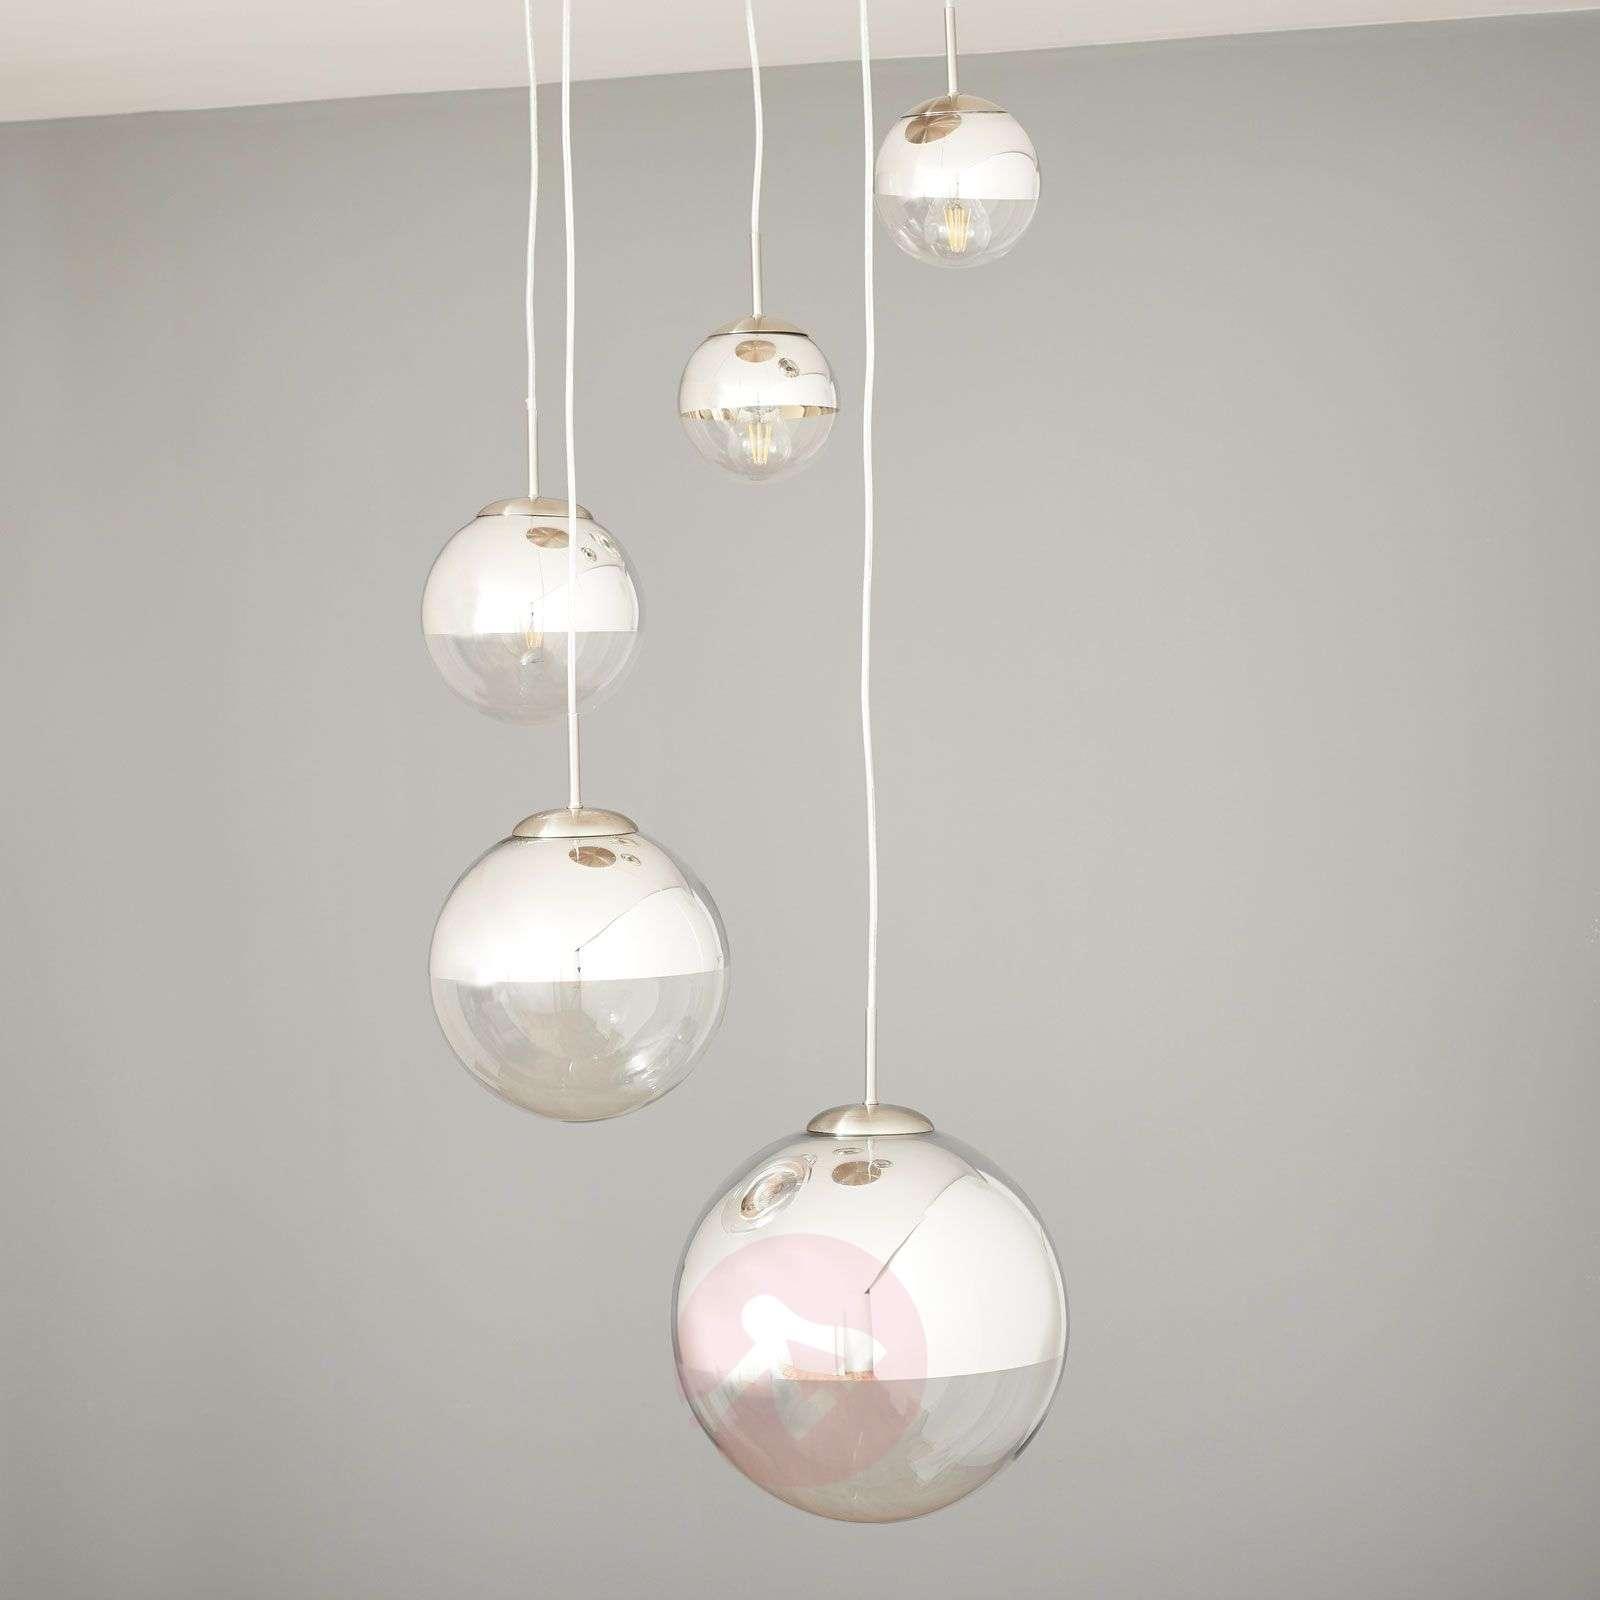 Riippuvalaisin Ravena lasikuulilla, 5-lamppuinen-4018145-02